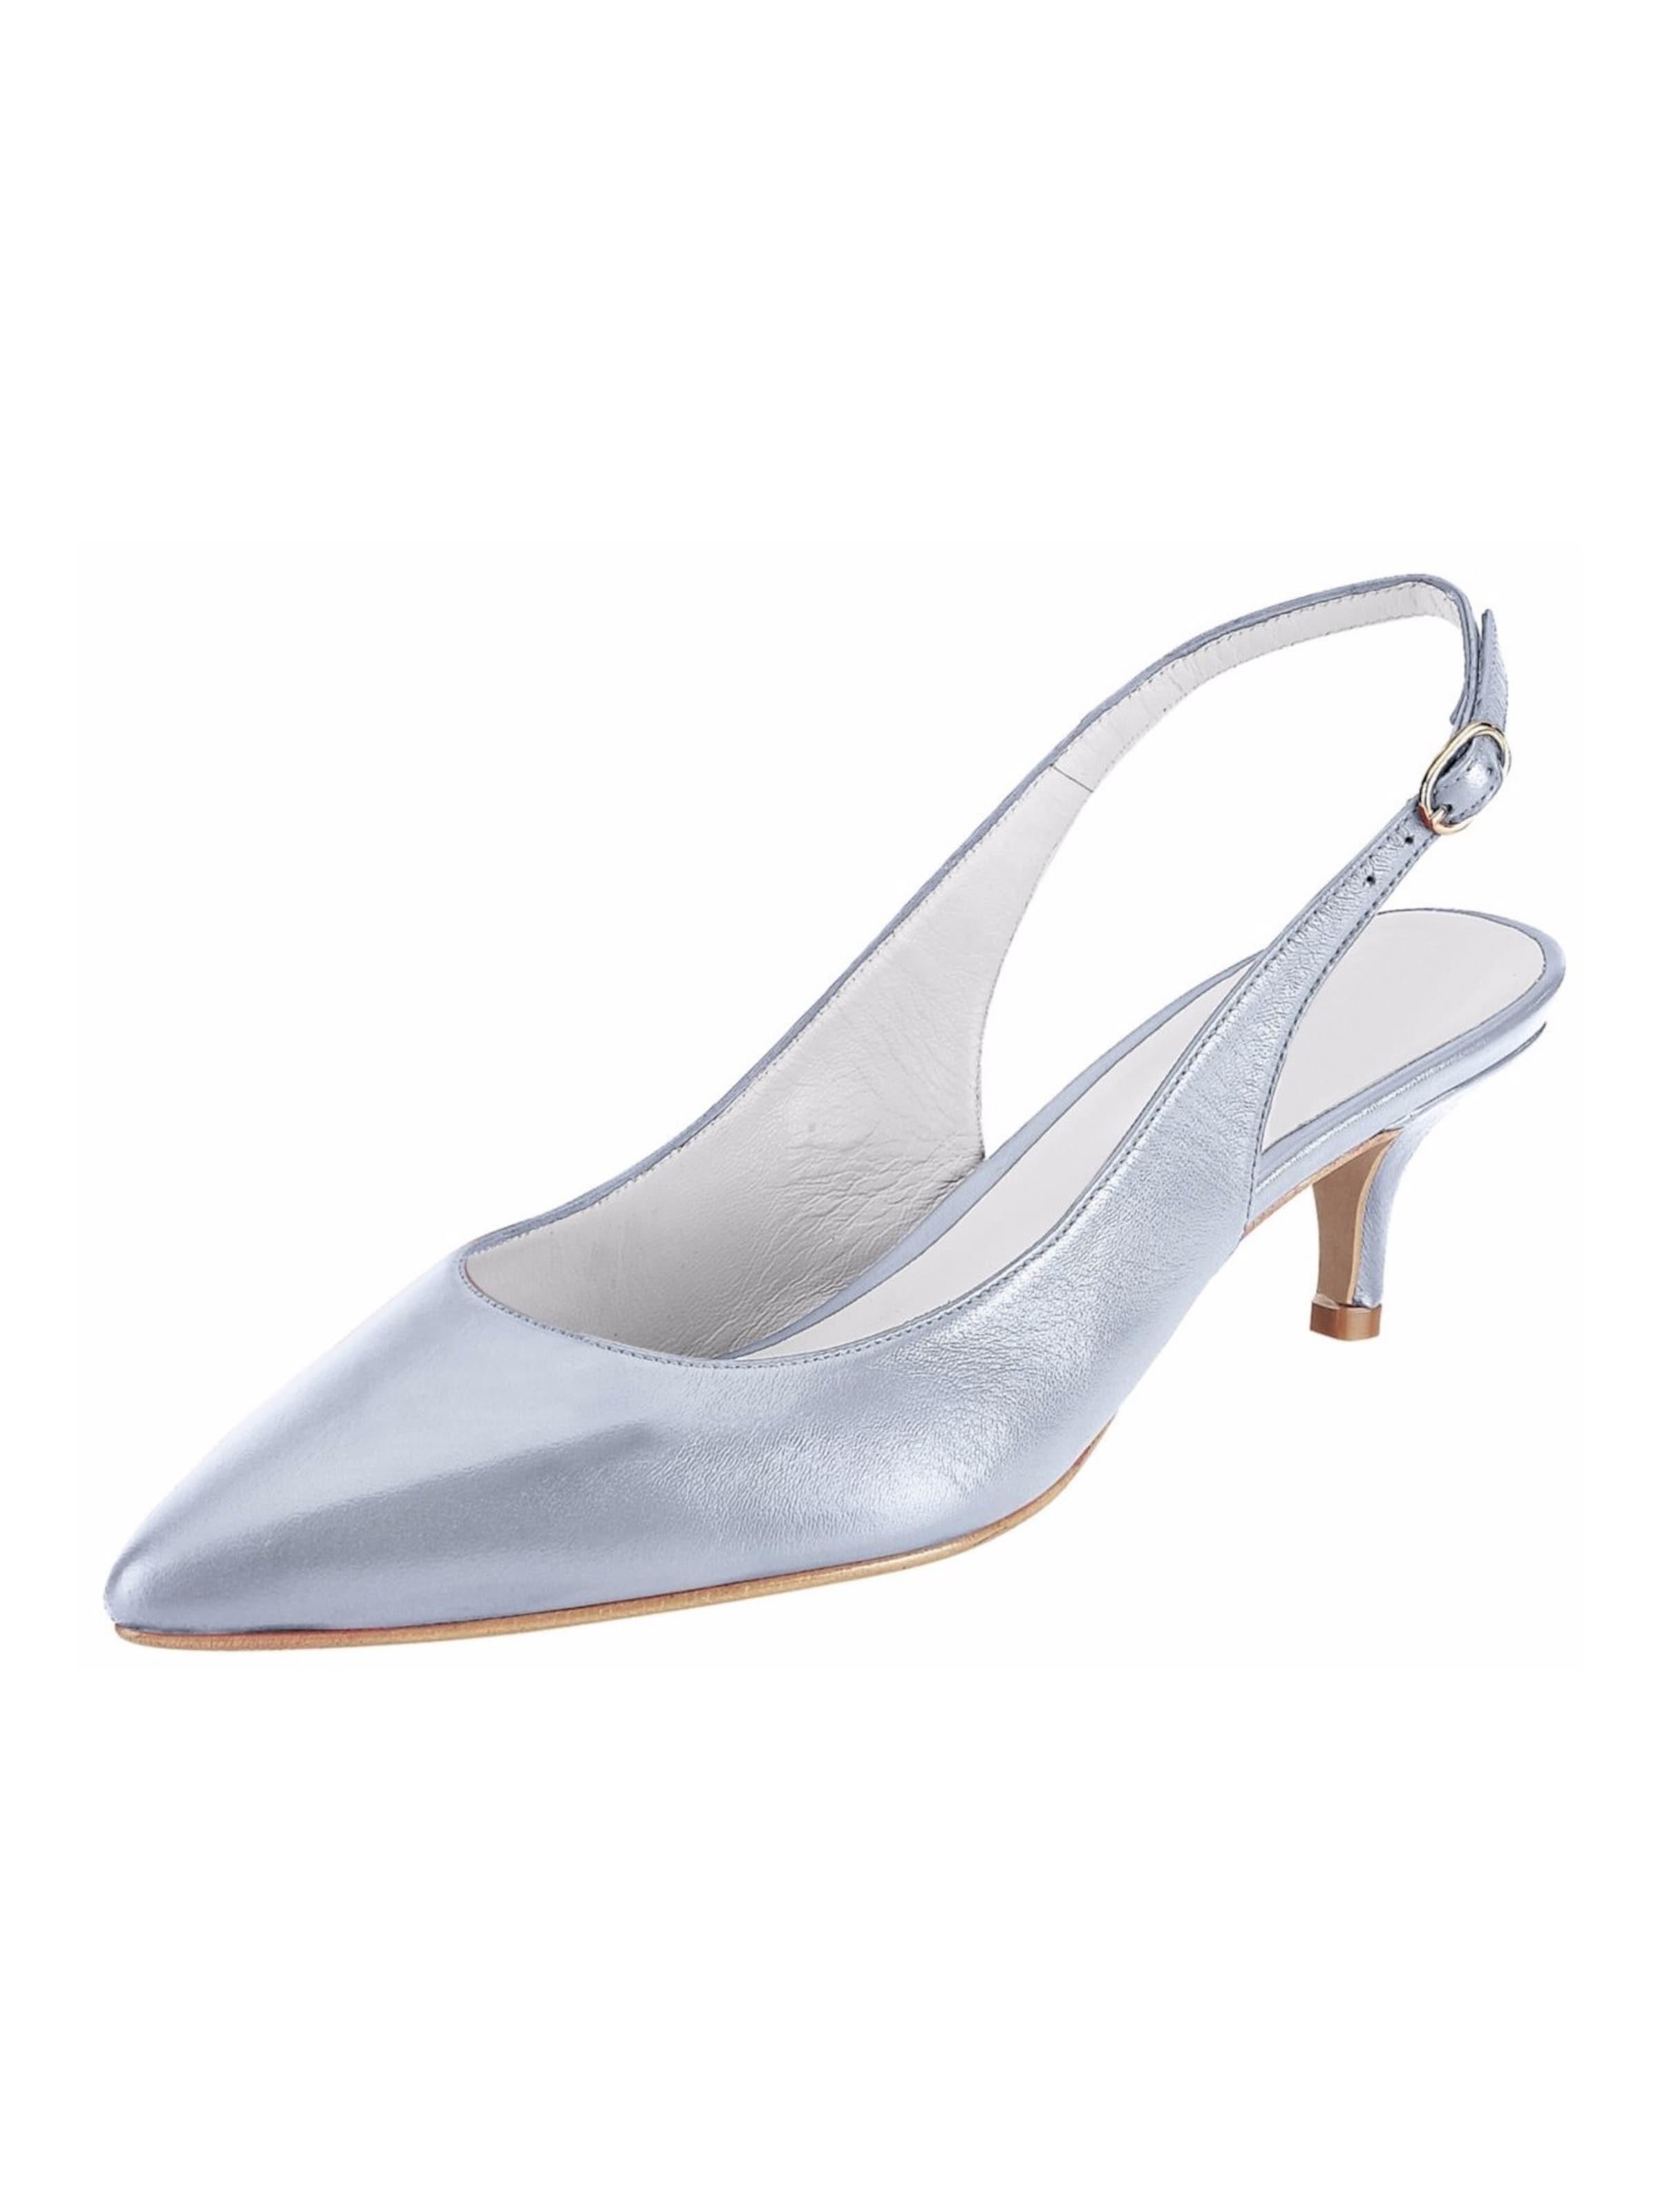 heine Slingpumps Günstige und langlebige Schuhe